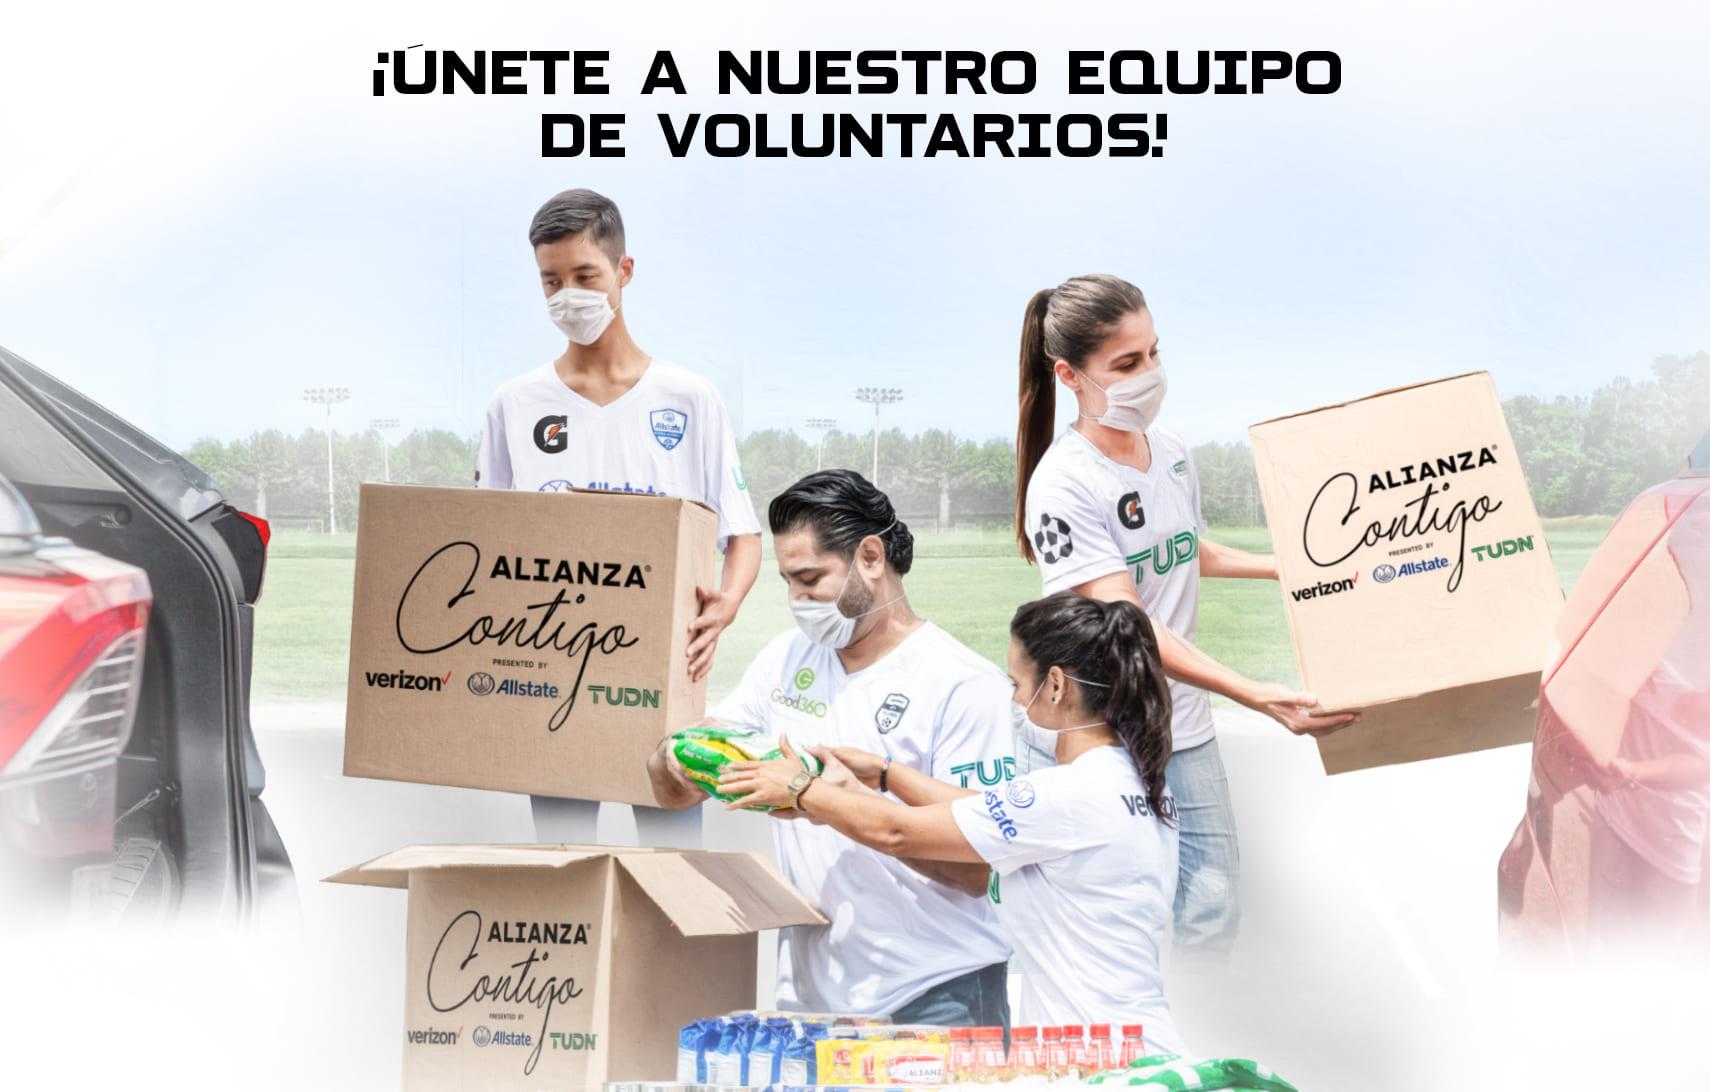 ¡Únete al equipo de voluntarios de Alianza de Futbol!